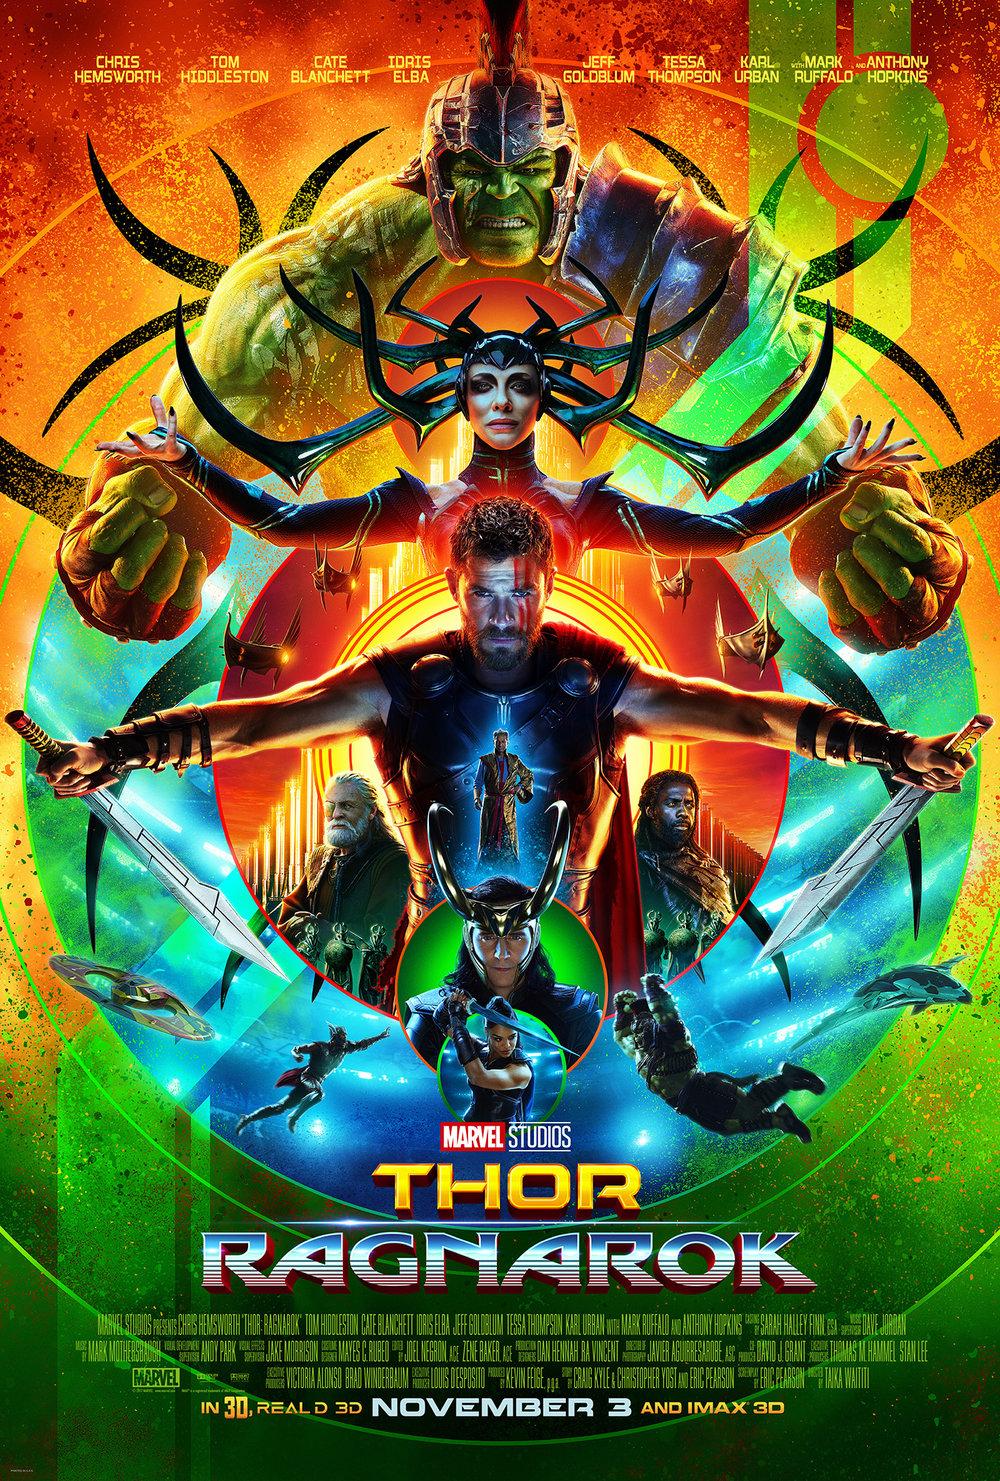 Thor_Ragnarok_Payoff_1Sht_v22_100dpi.jpg